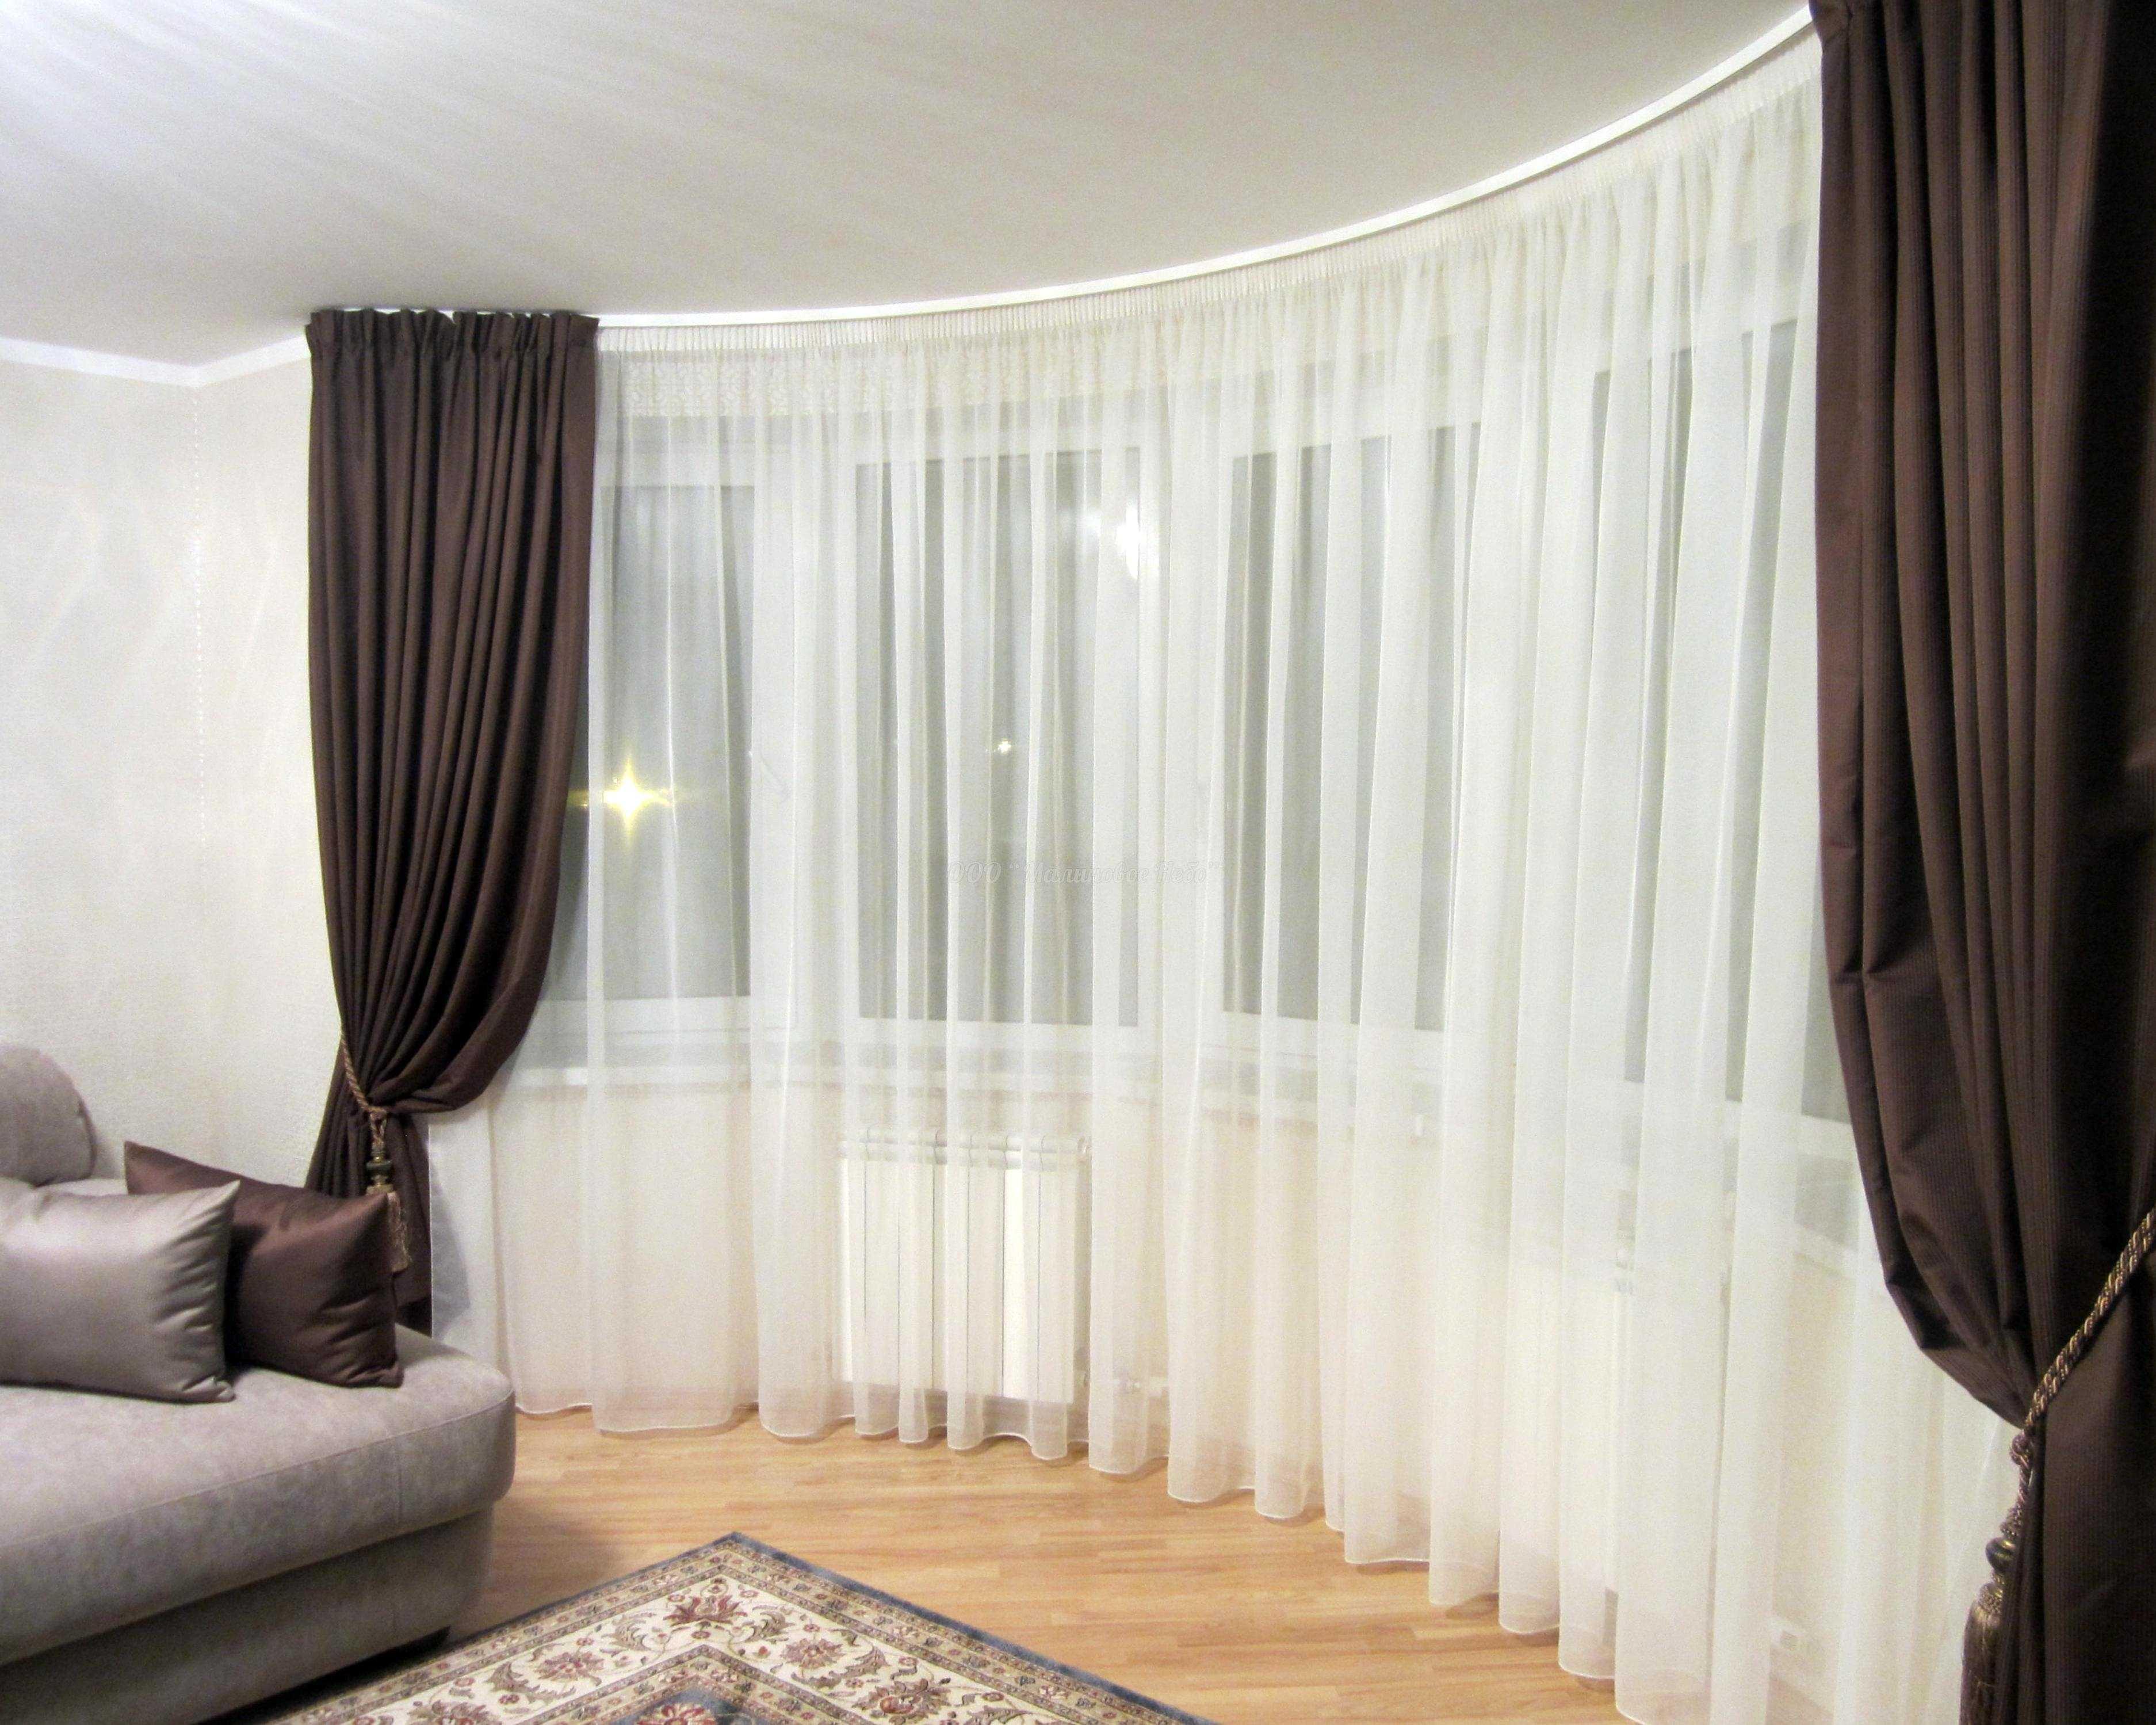 Декор штор - инструкция, как сделать оригинальный декор своими руками. 150 фото новинок дизайна